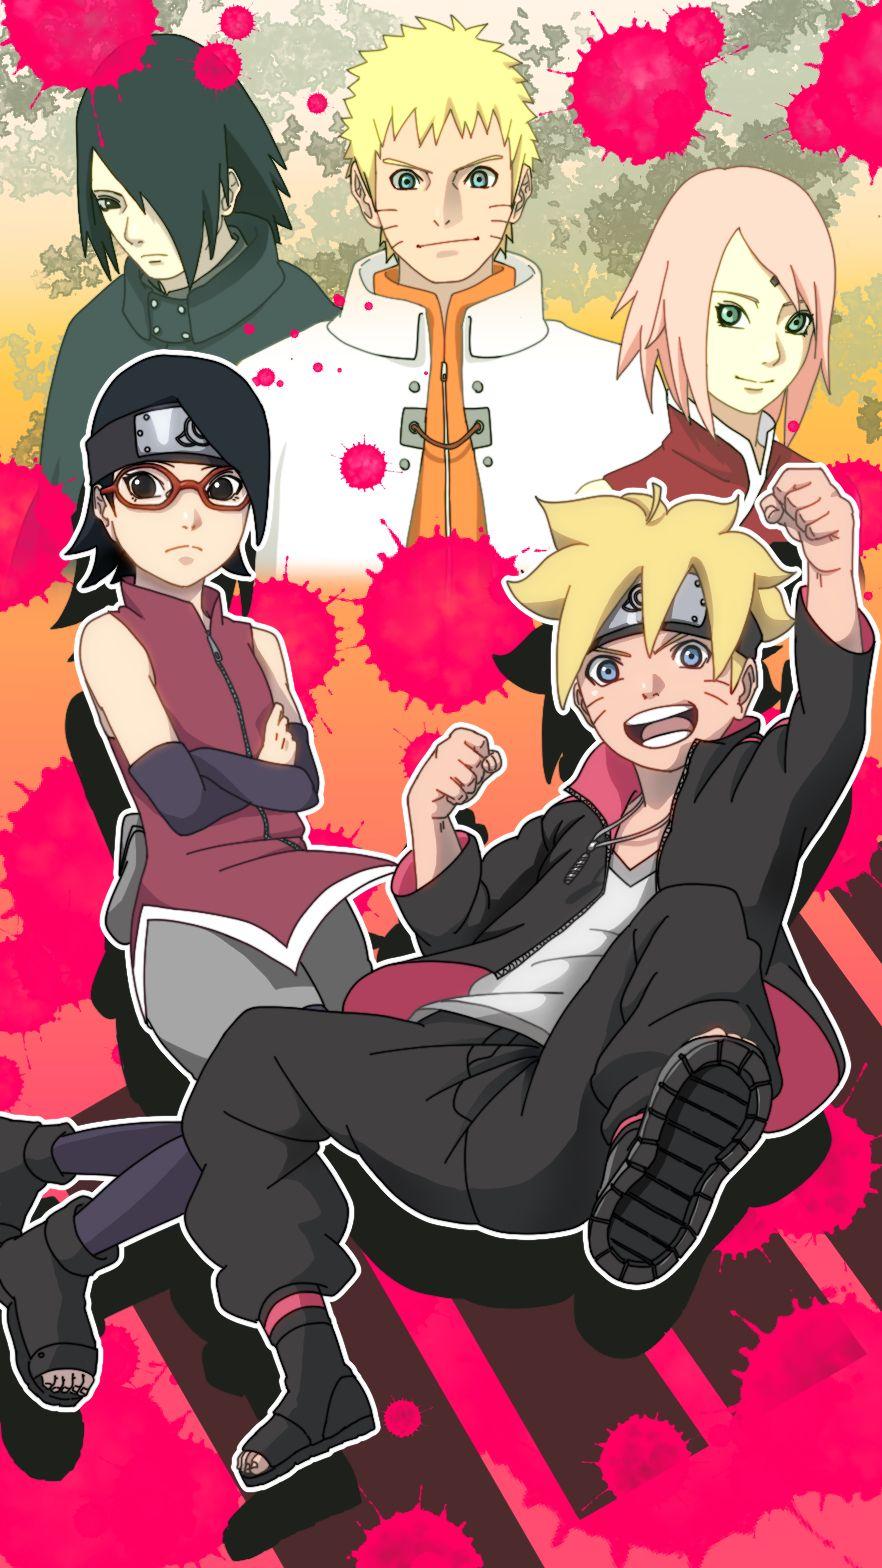 Tags Fanart, NARUTO, Haruno Sakura, Uzumaki Naruto